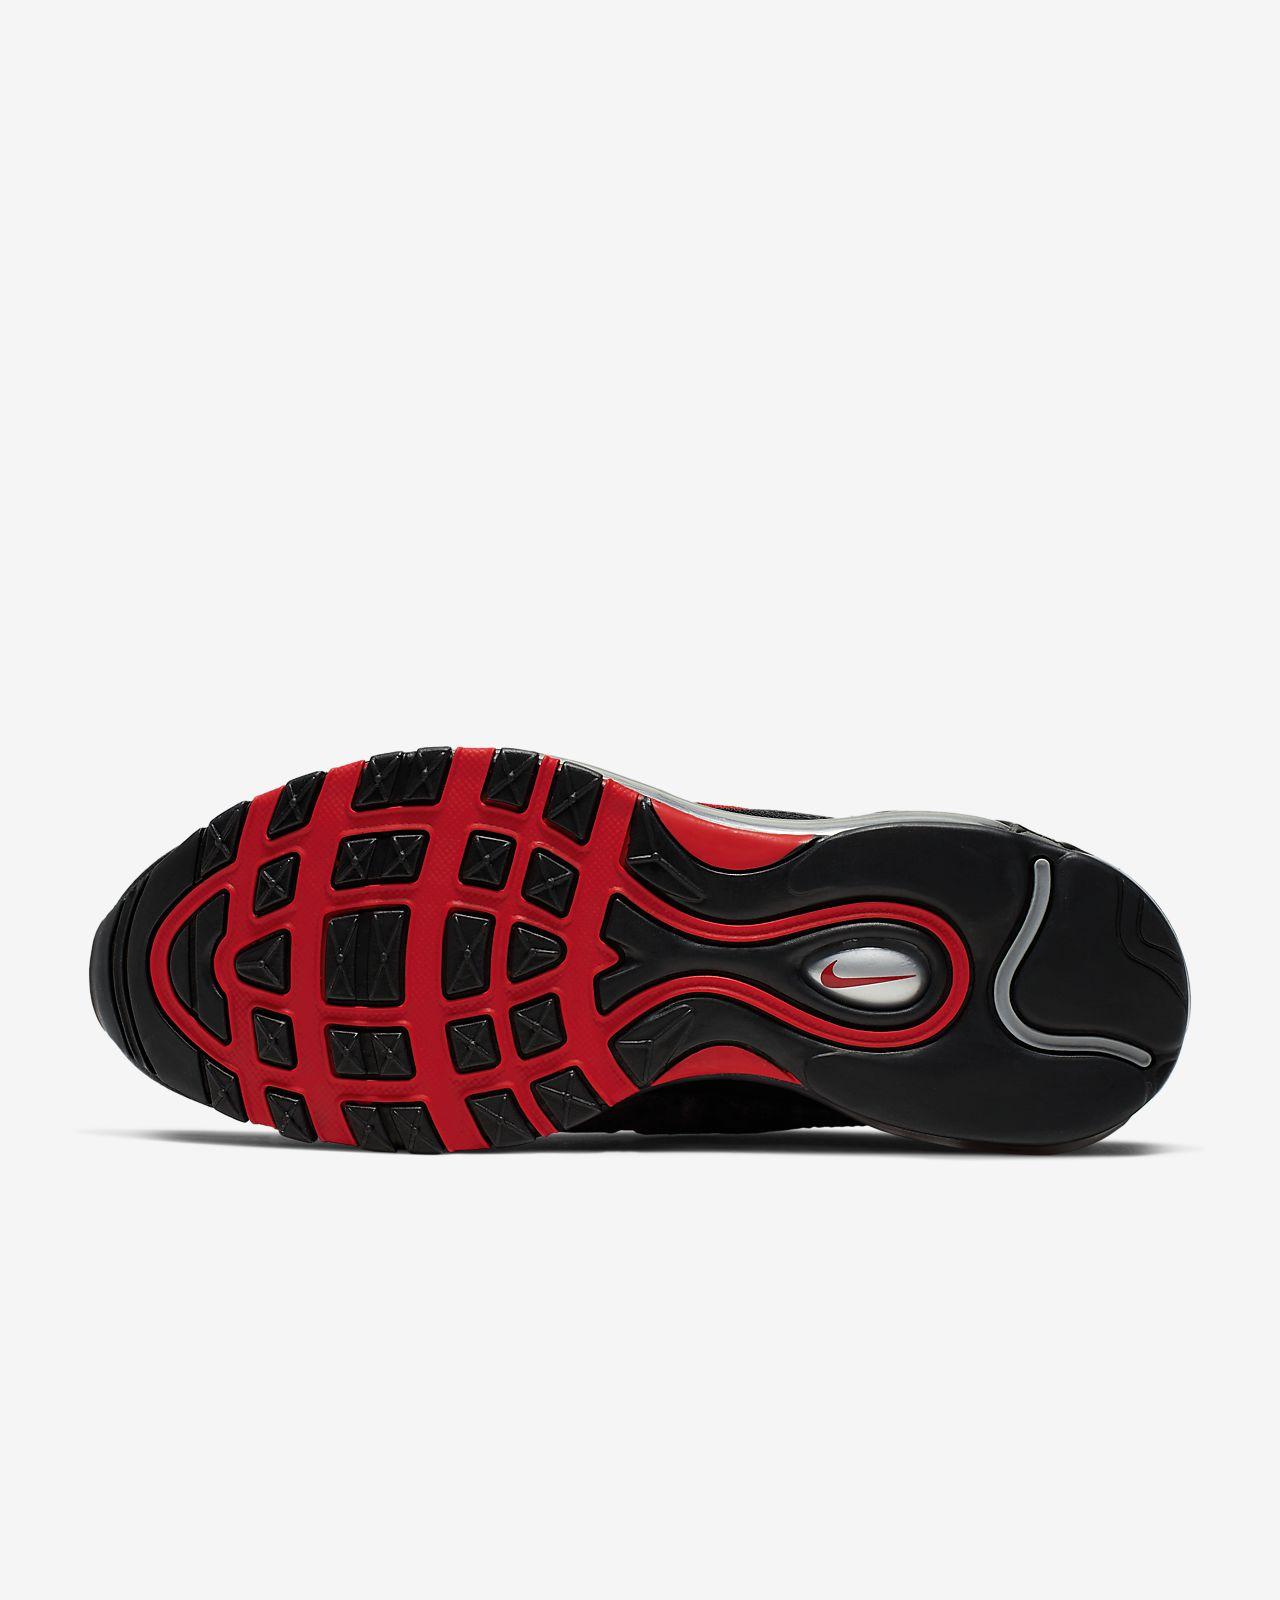 hot sales 2bca8 dc915 Nike Air Max 97 Men's Shoe